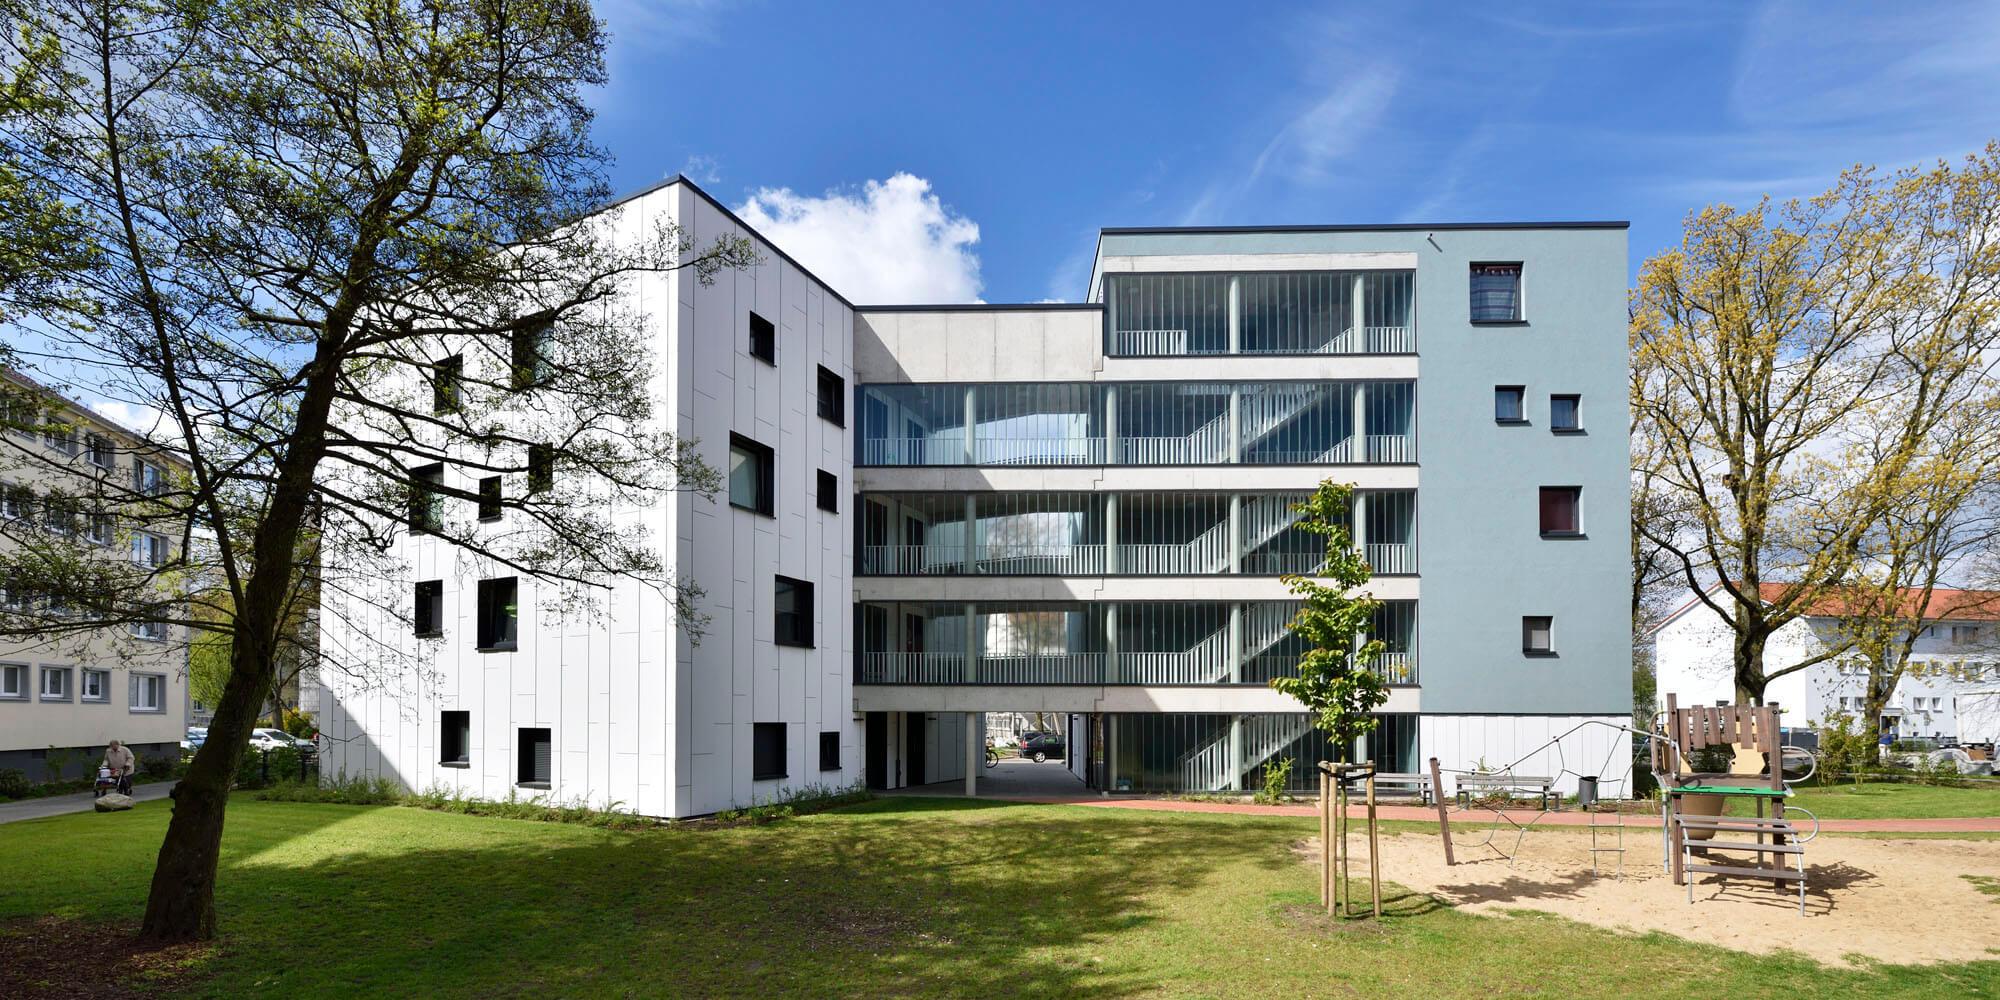 Tarzan und Jane: Deutscher Städtebaupreis für Quartiersentwicklung der GEWOBA